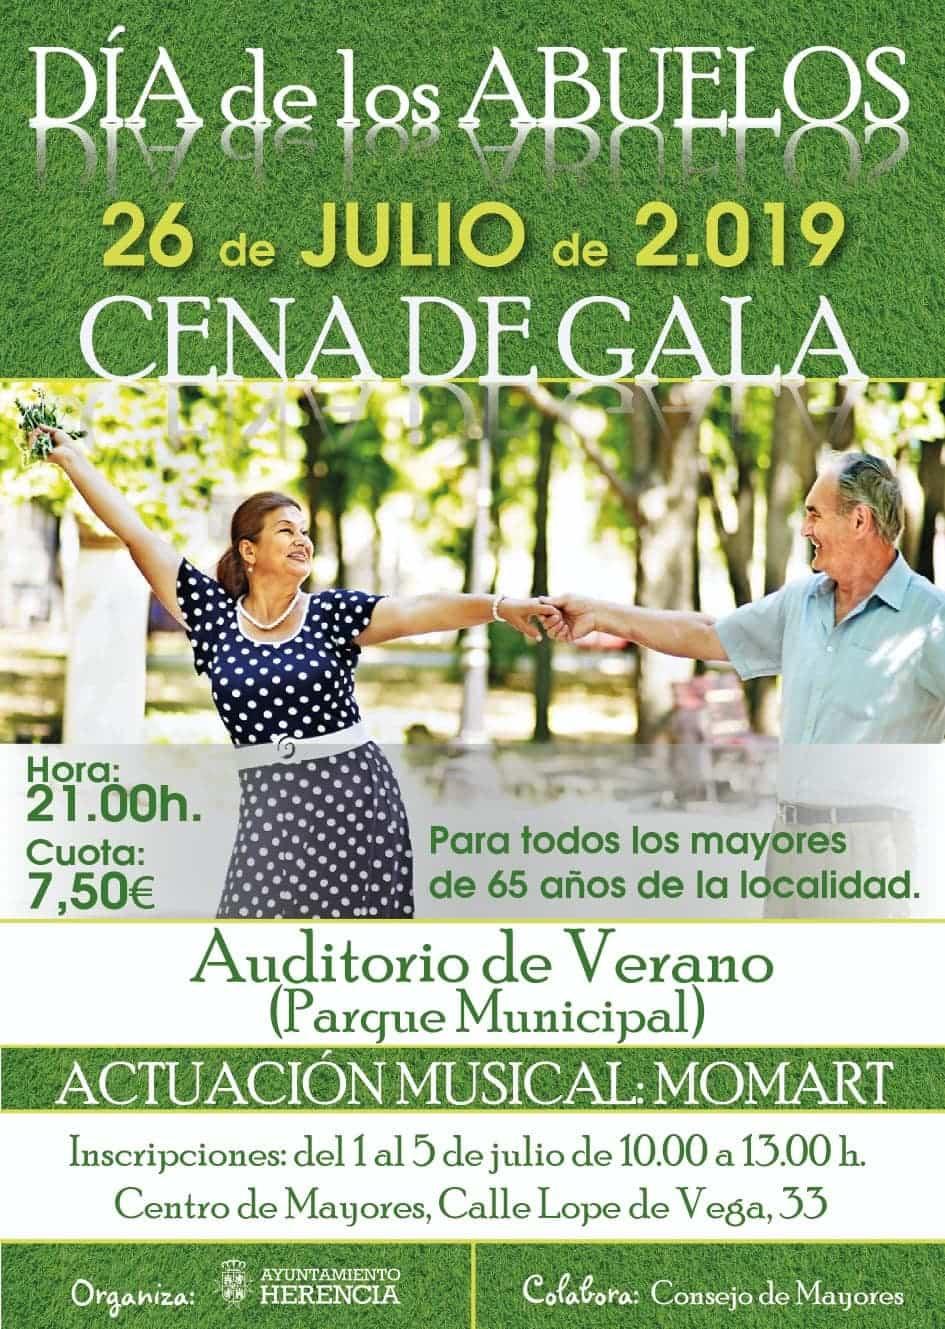 dia de los abuelos en herencia - Cena del Gala por el Día de los Abuelos 2019 en Herencia